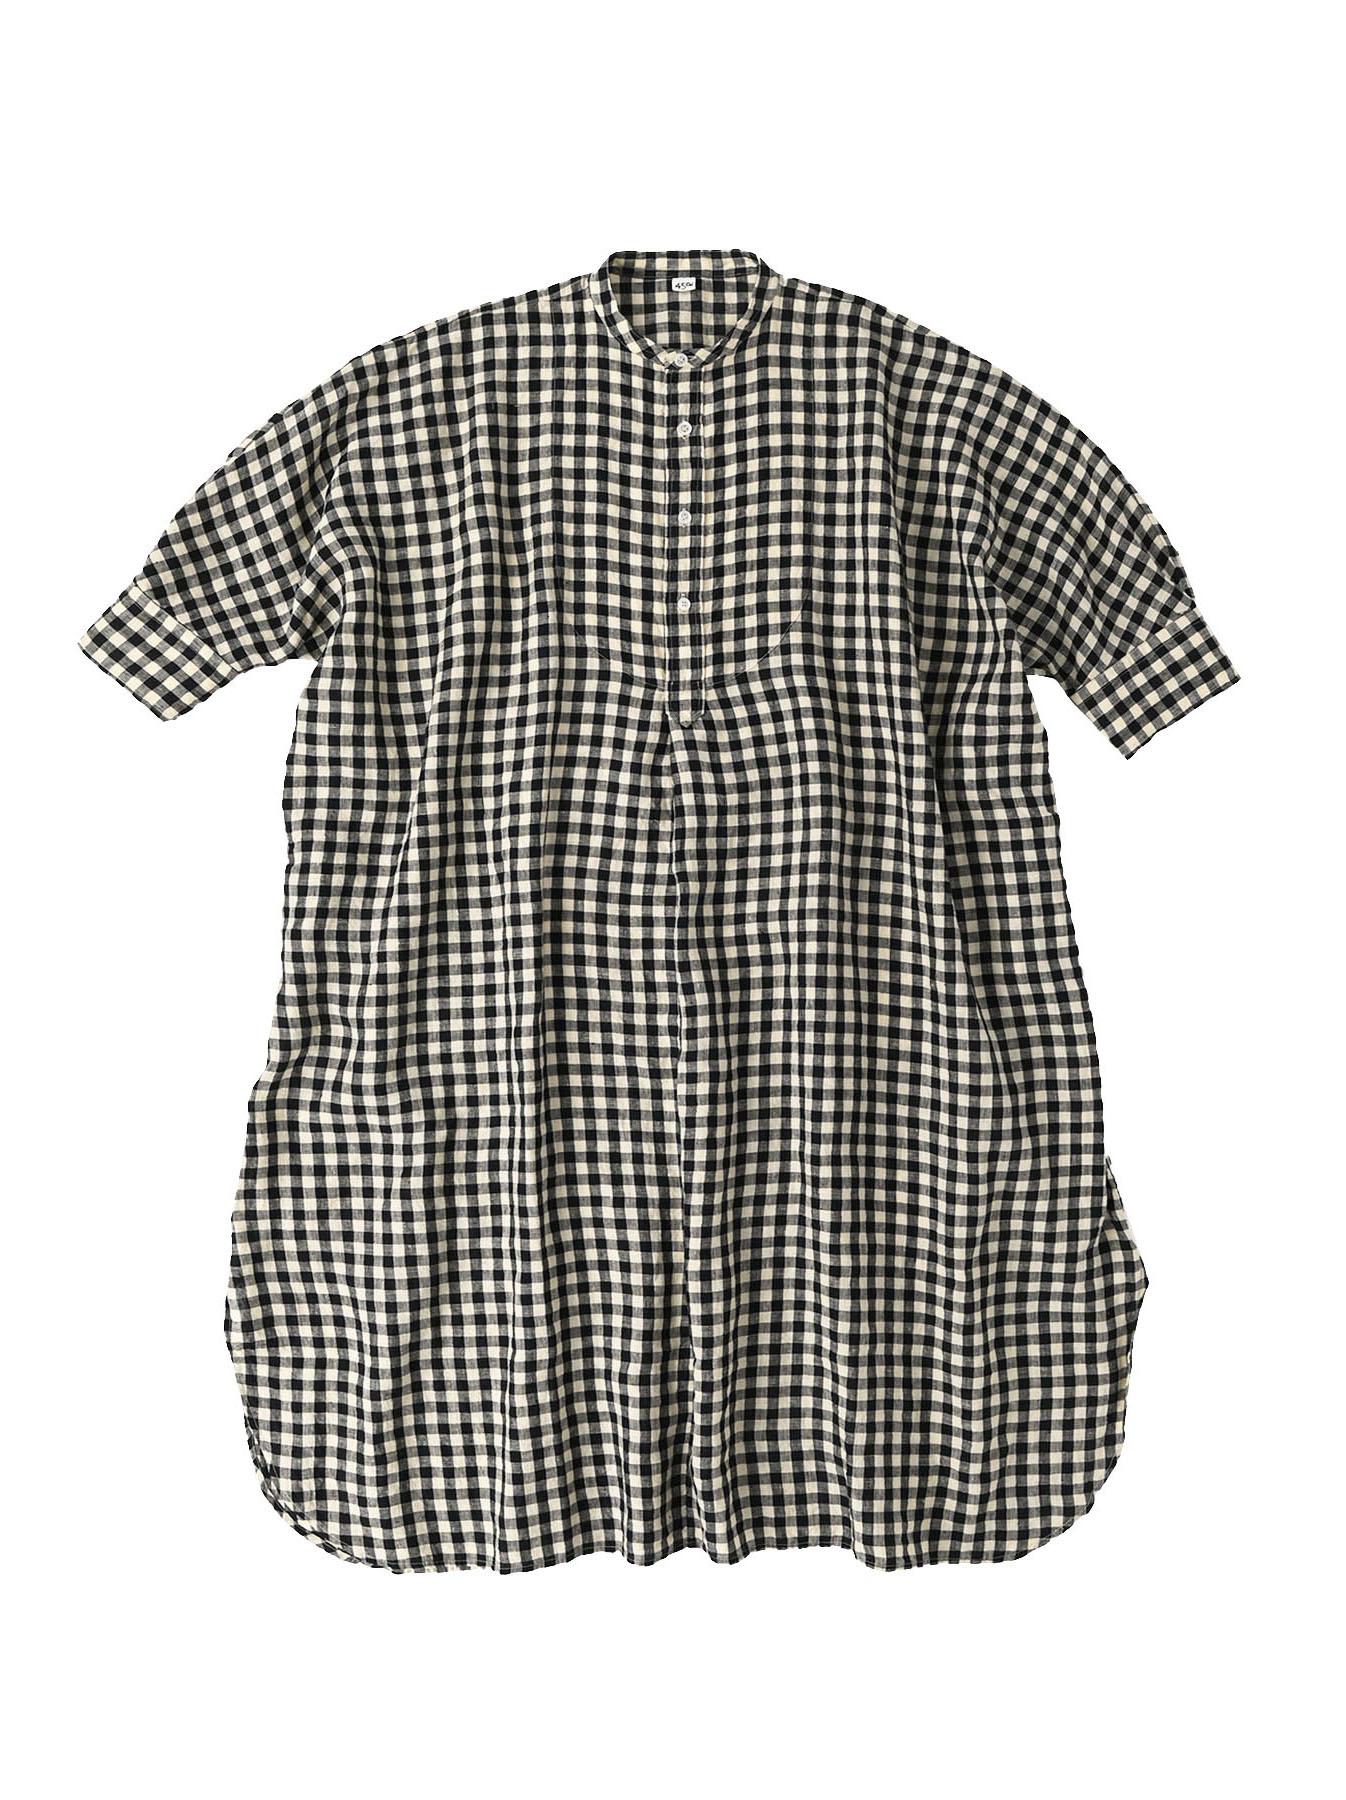 Indian Gauze Linen Big Shirt Dress-12